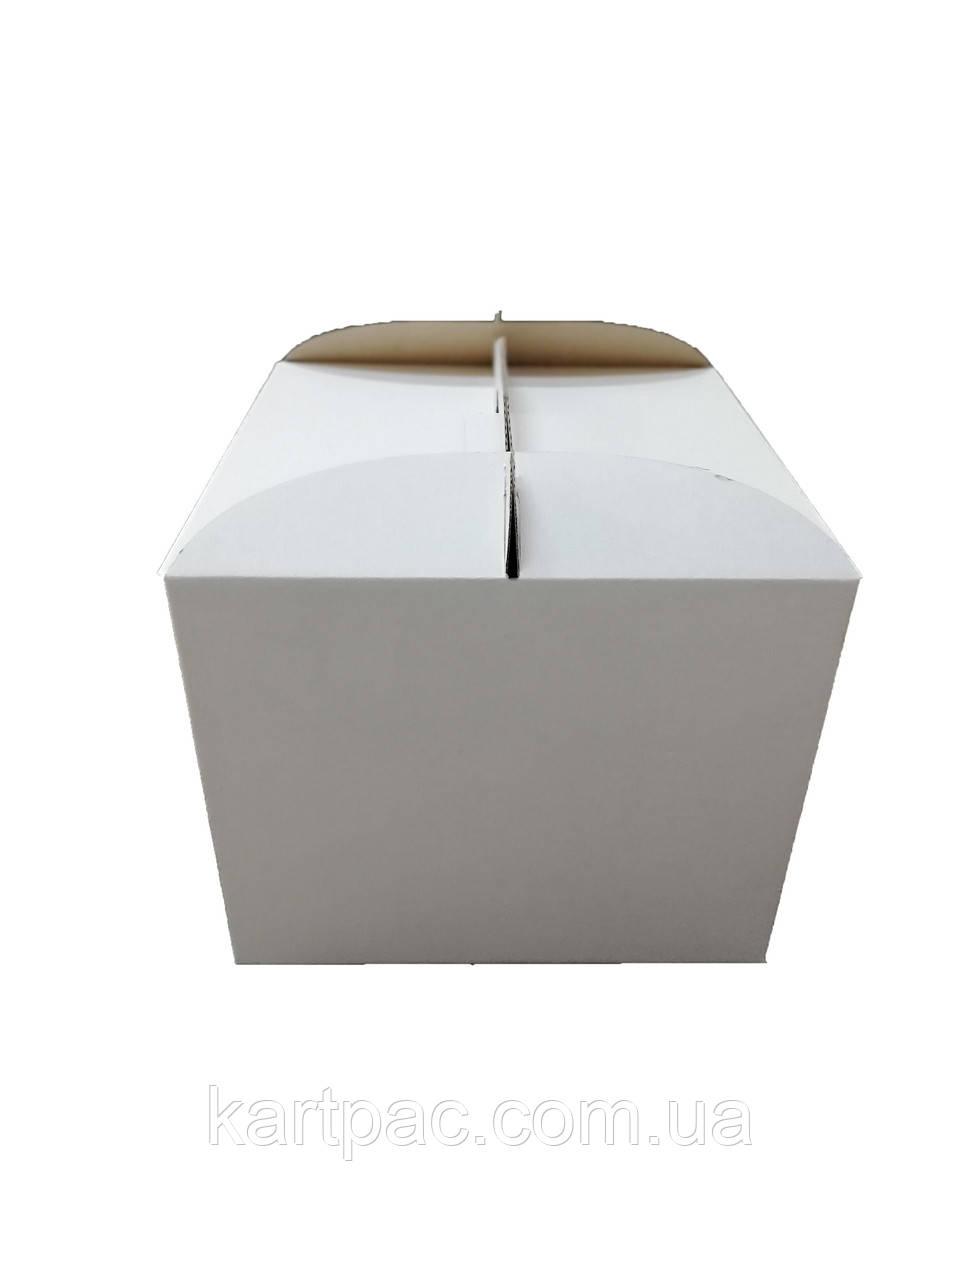 Картонна упаковка для тортів 350х350х200